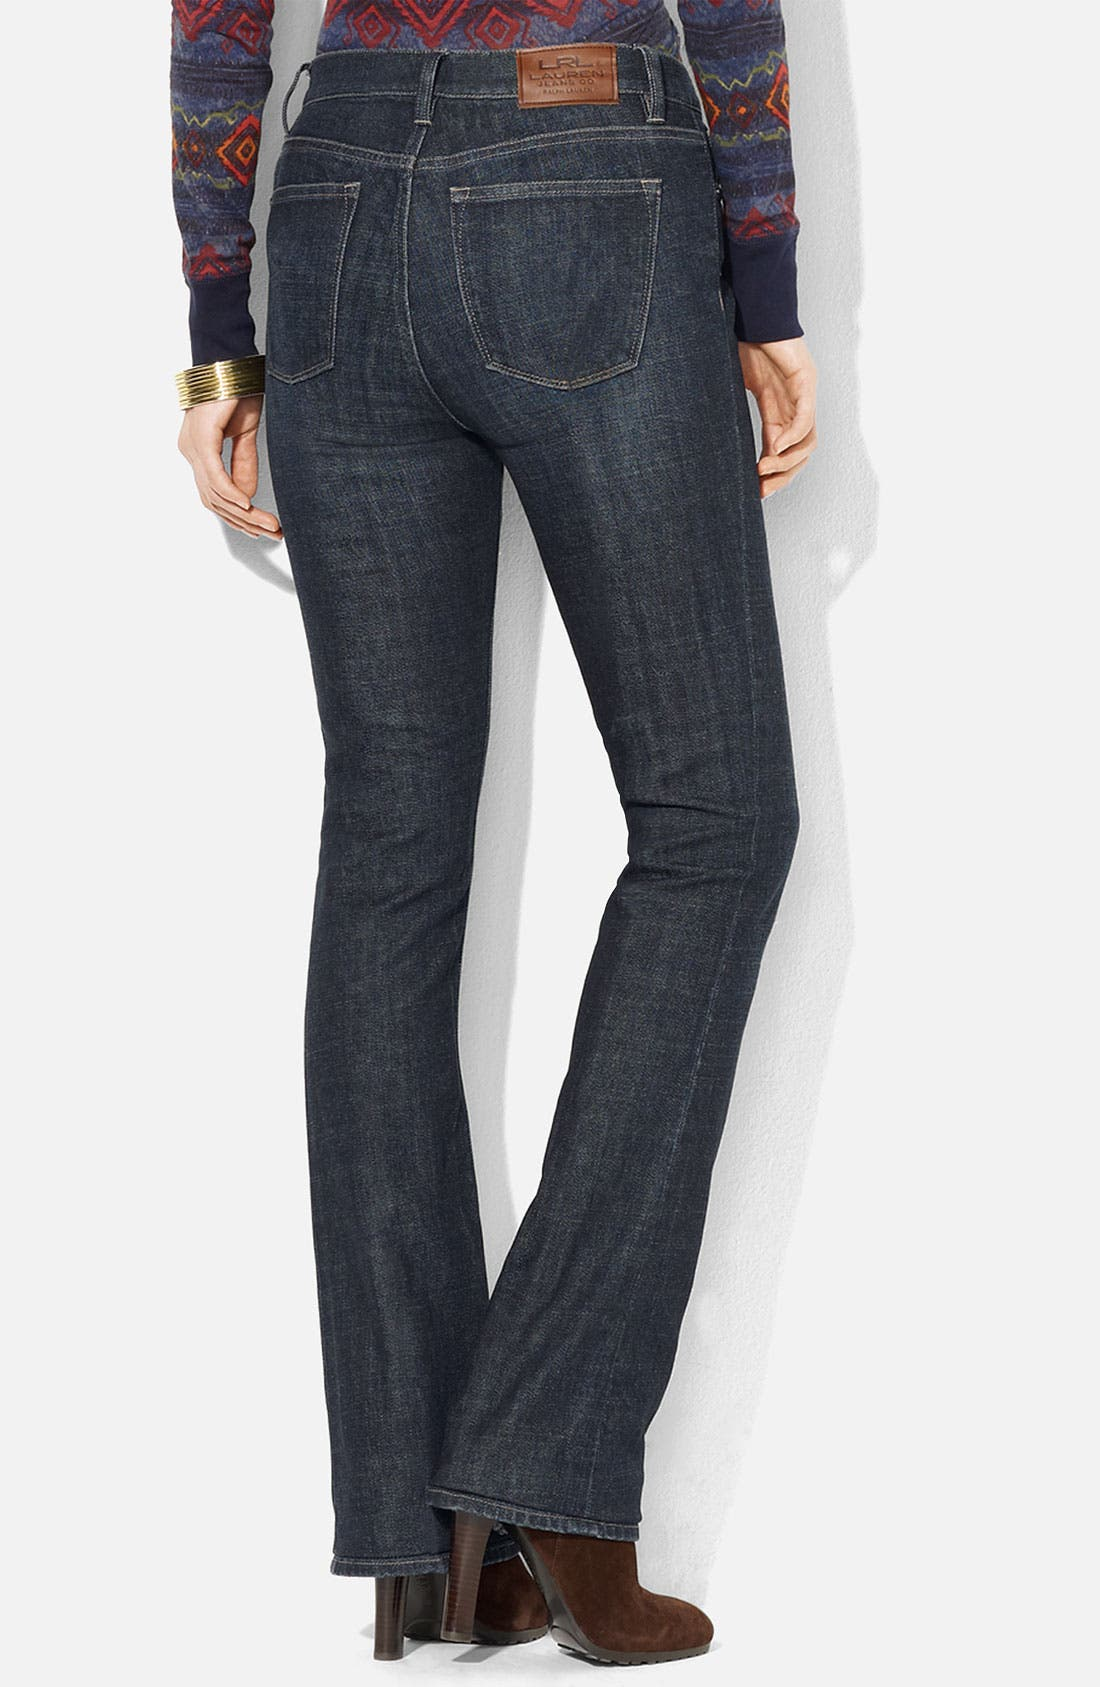 Alternate Image 2  - Lauren Ralph Lauren Slimming Bootcut Jeans (Petite) (Online Exclusive)